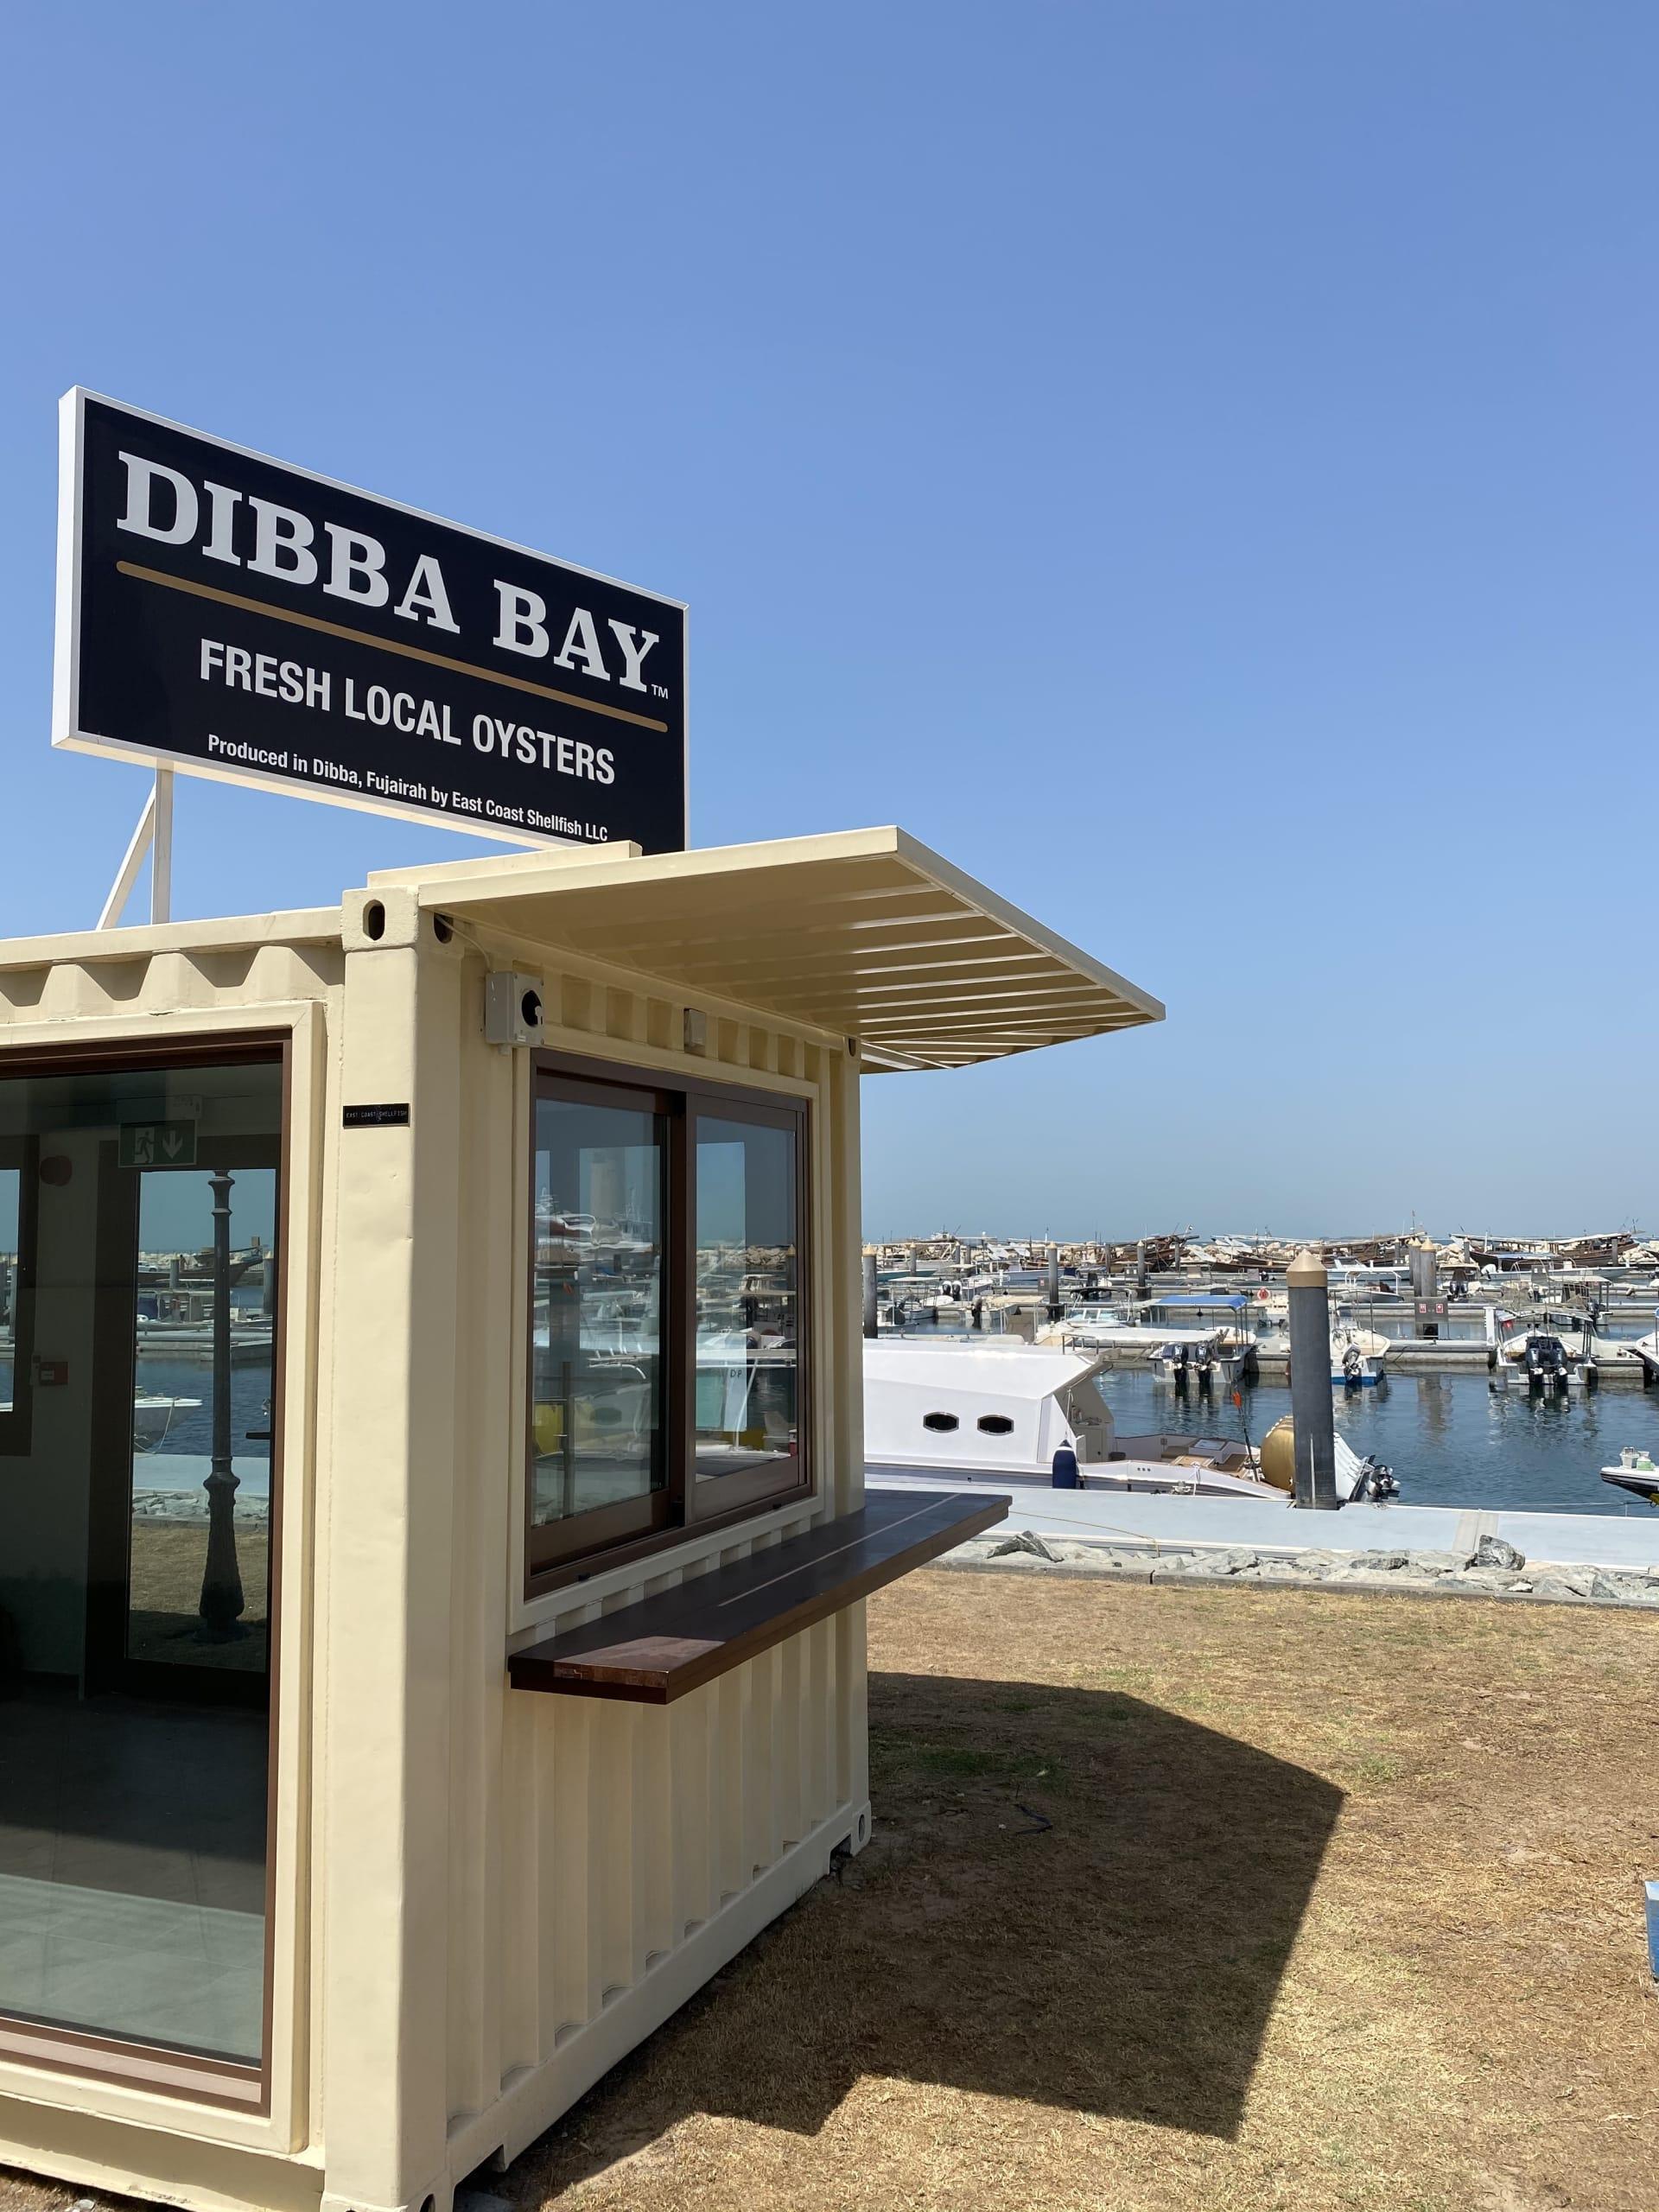 لعشاق الأطعمة البحرية.. توصل هذه الشركة محارات فاخرة من البحر إلى عتبة بابك في دبي